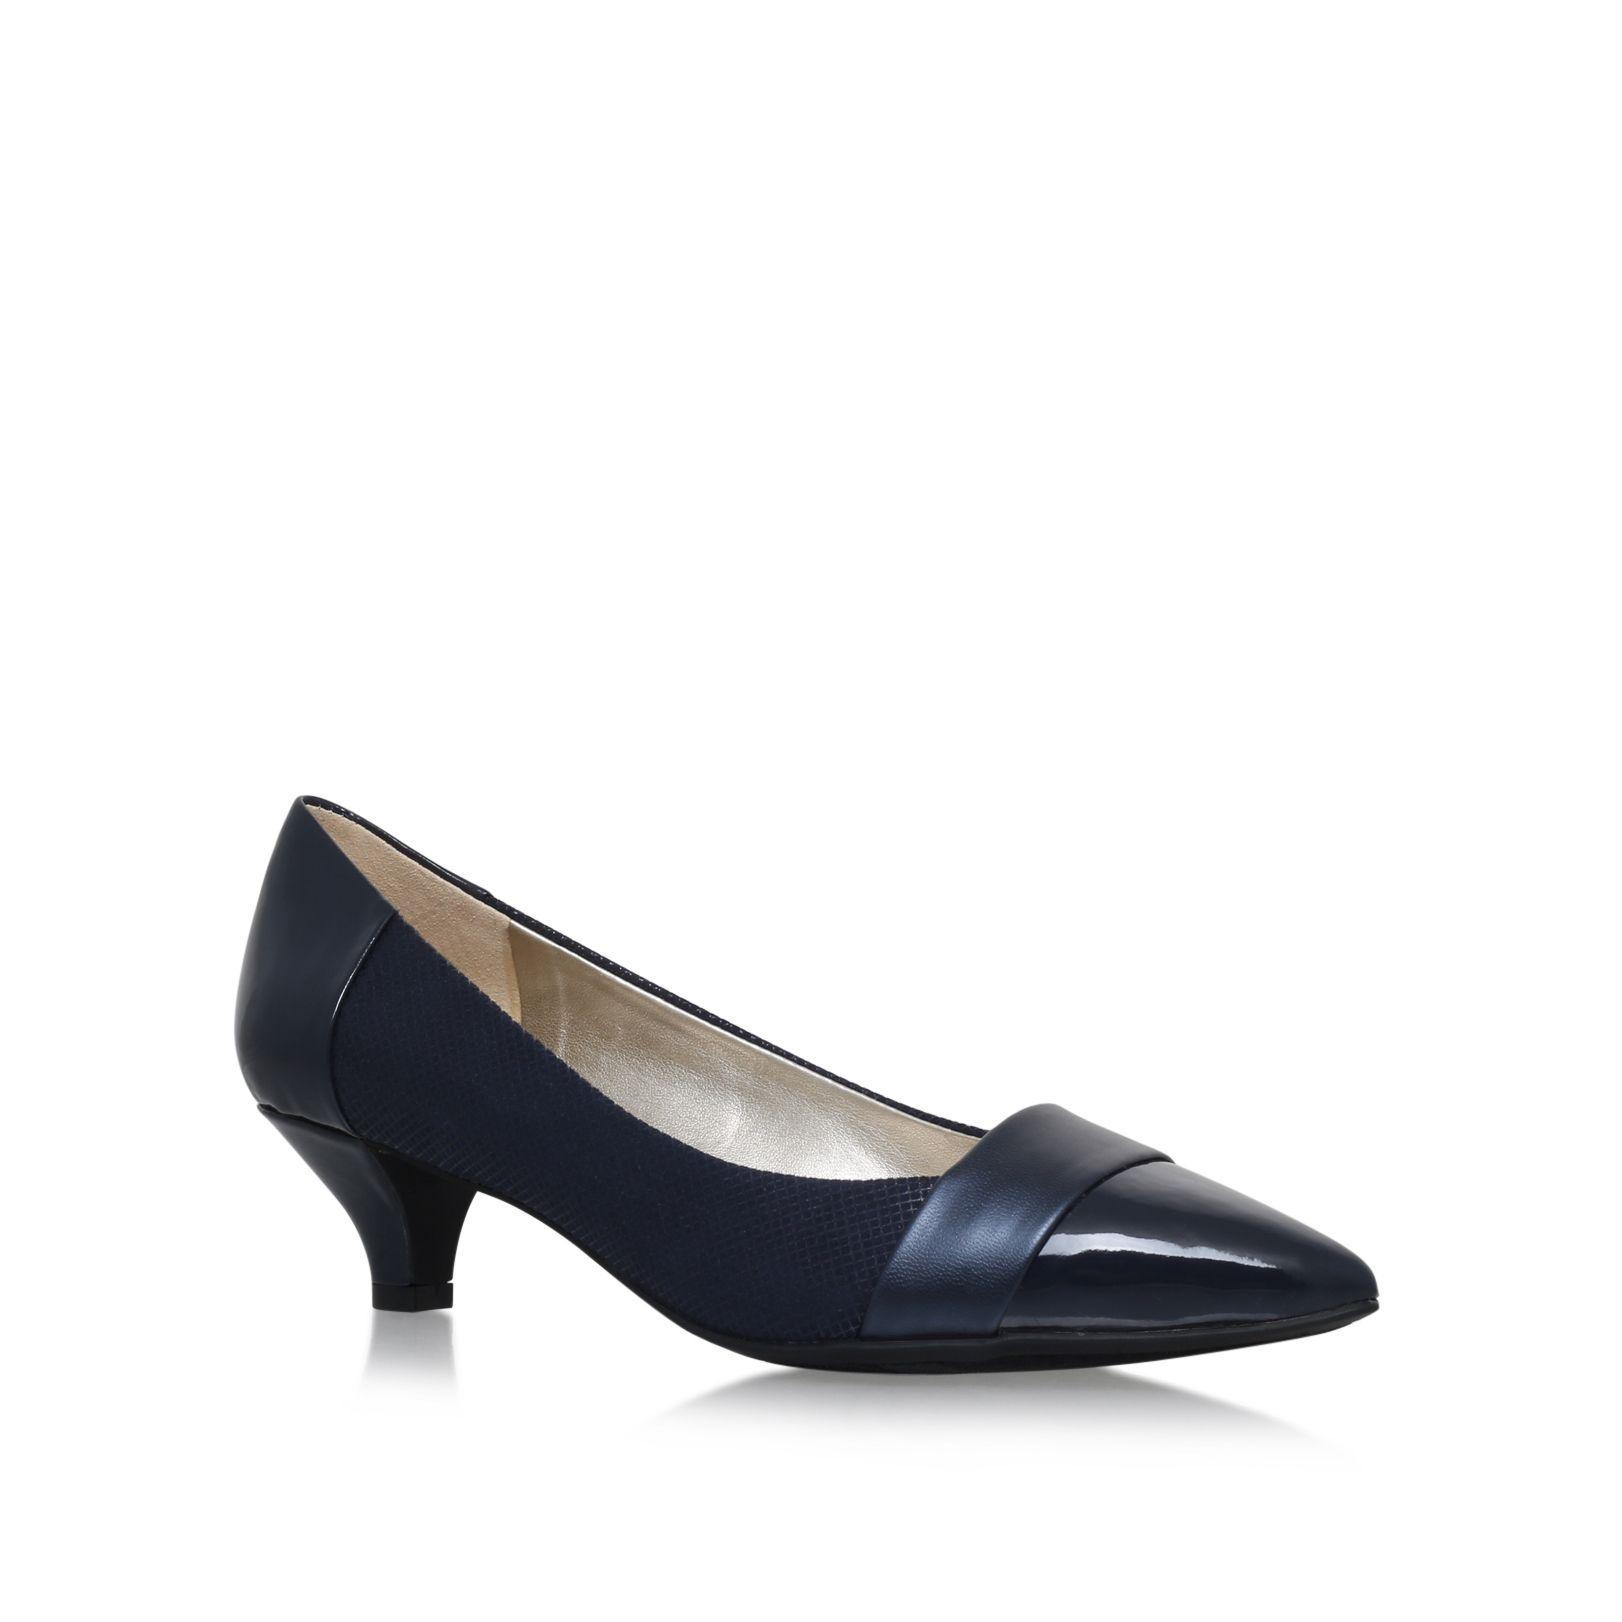 Navy Kitten Heel Shoes